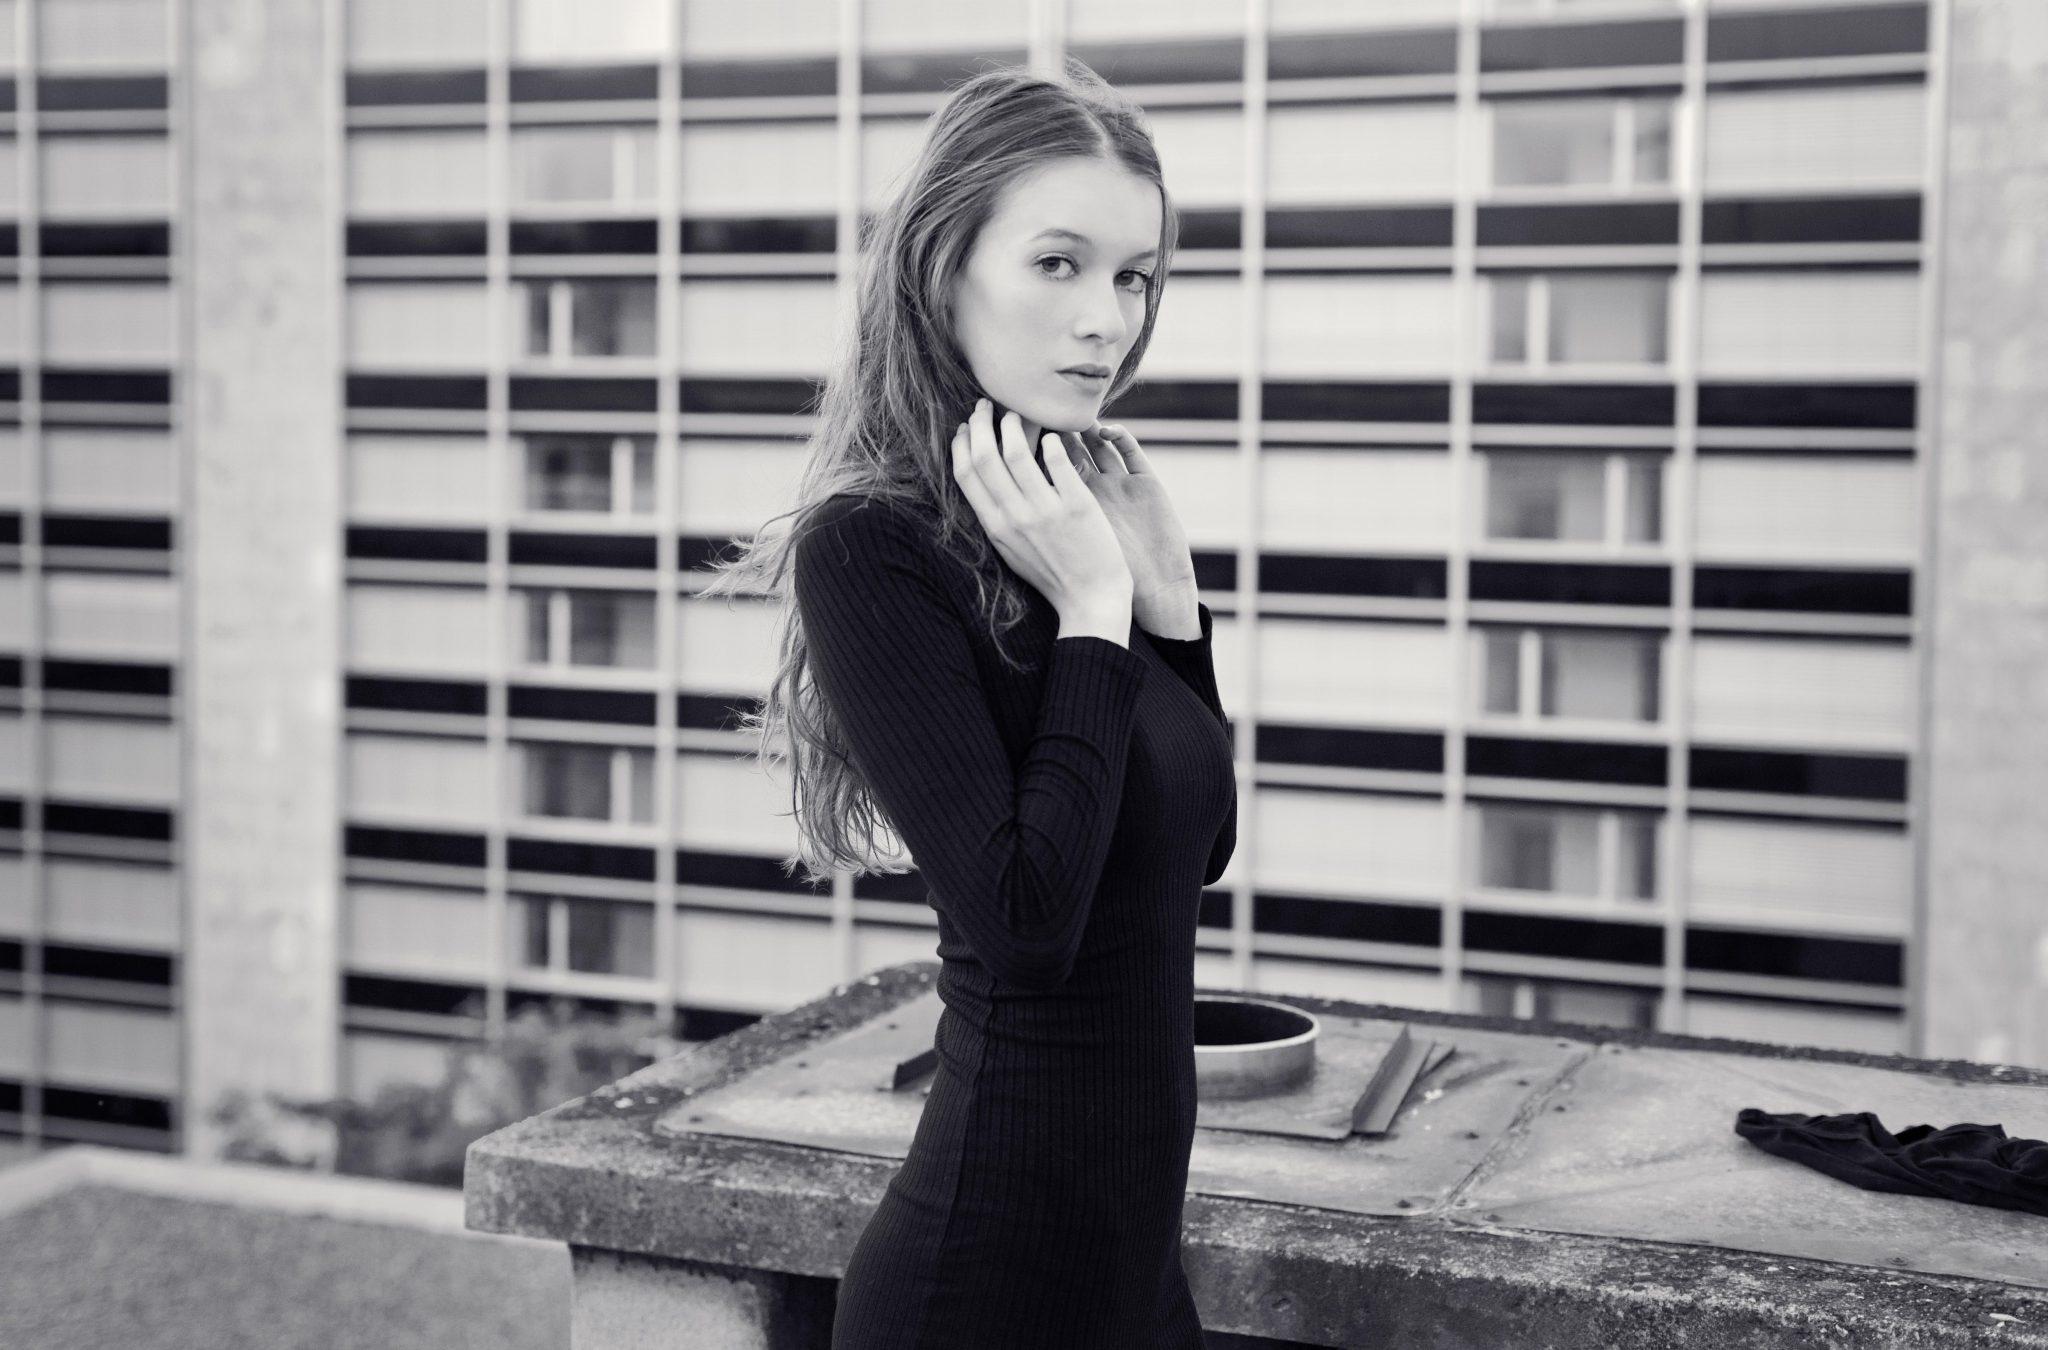 Ilona Morgan - © Adriano Truscello photography